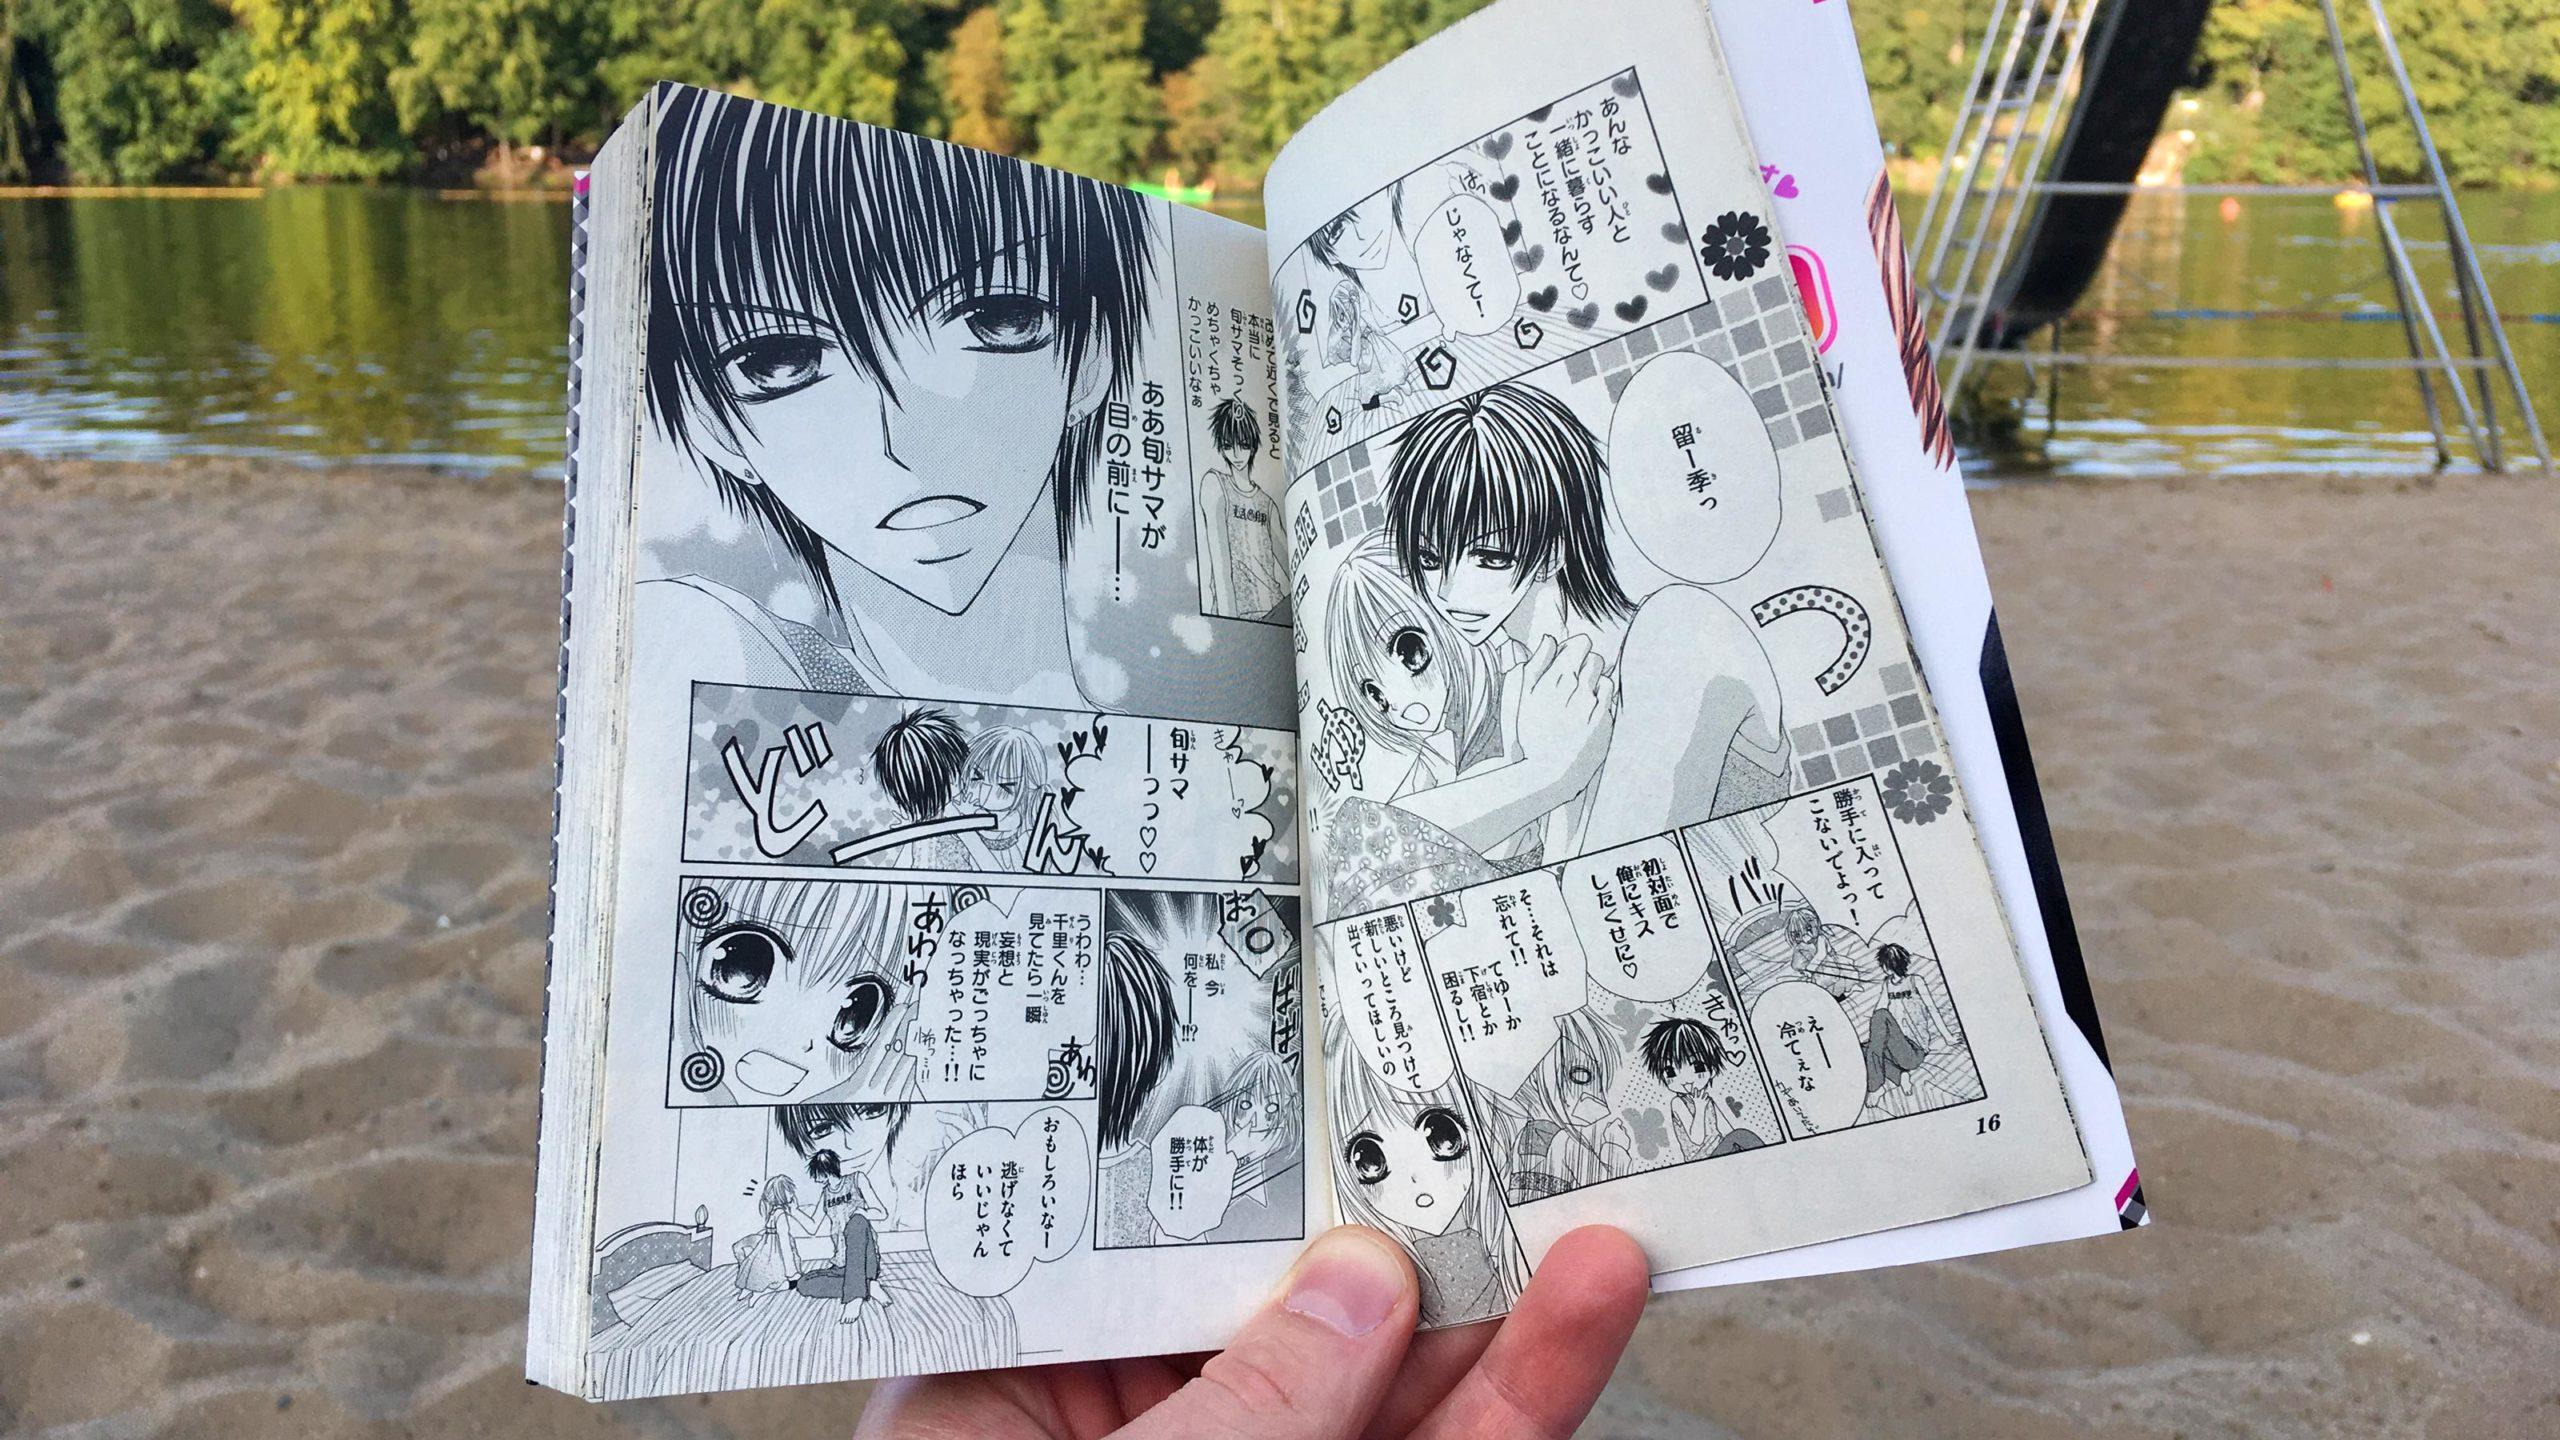 車谷晴子:「極上男子と暮らしてます。」(2007)